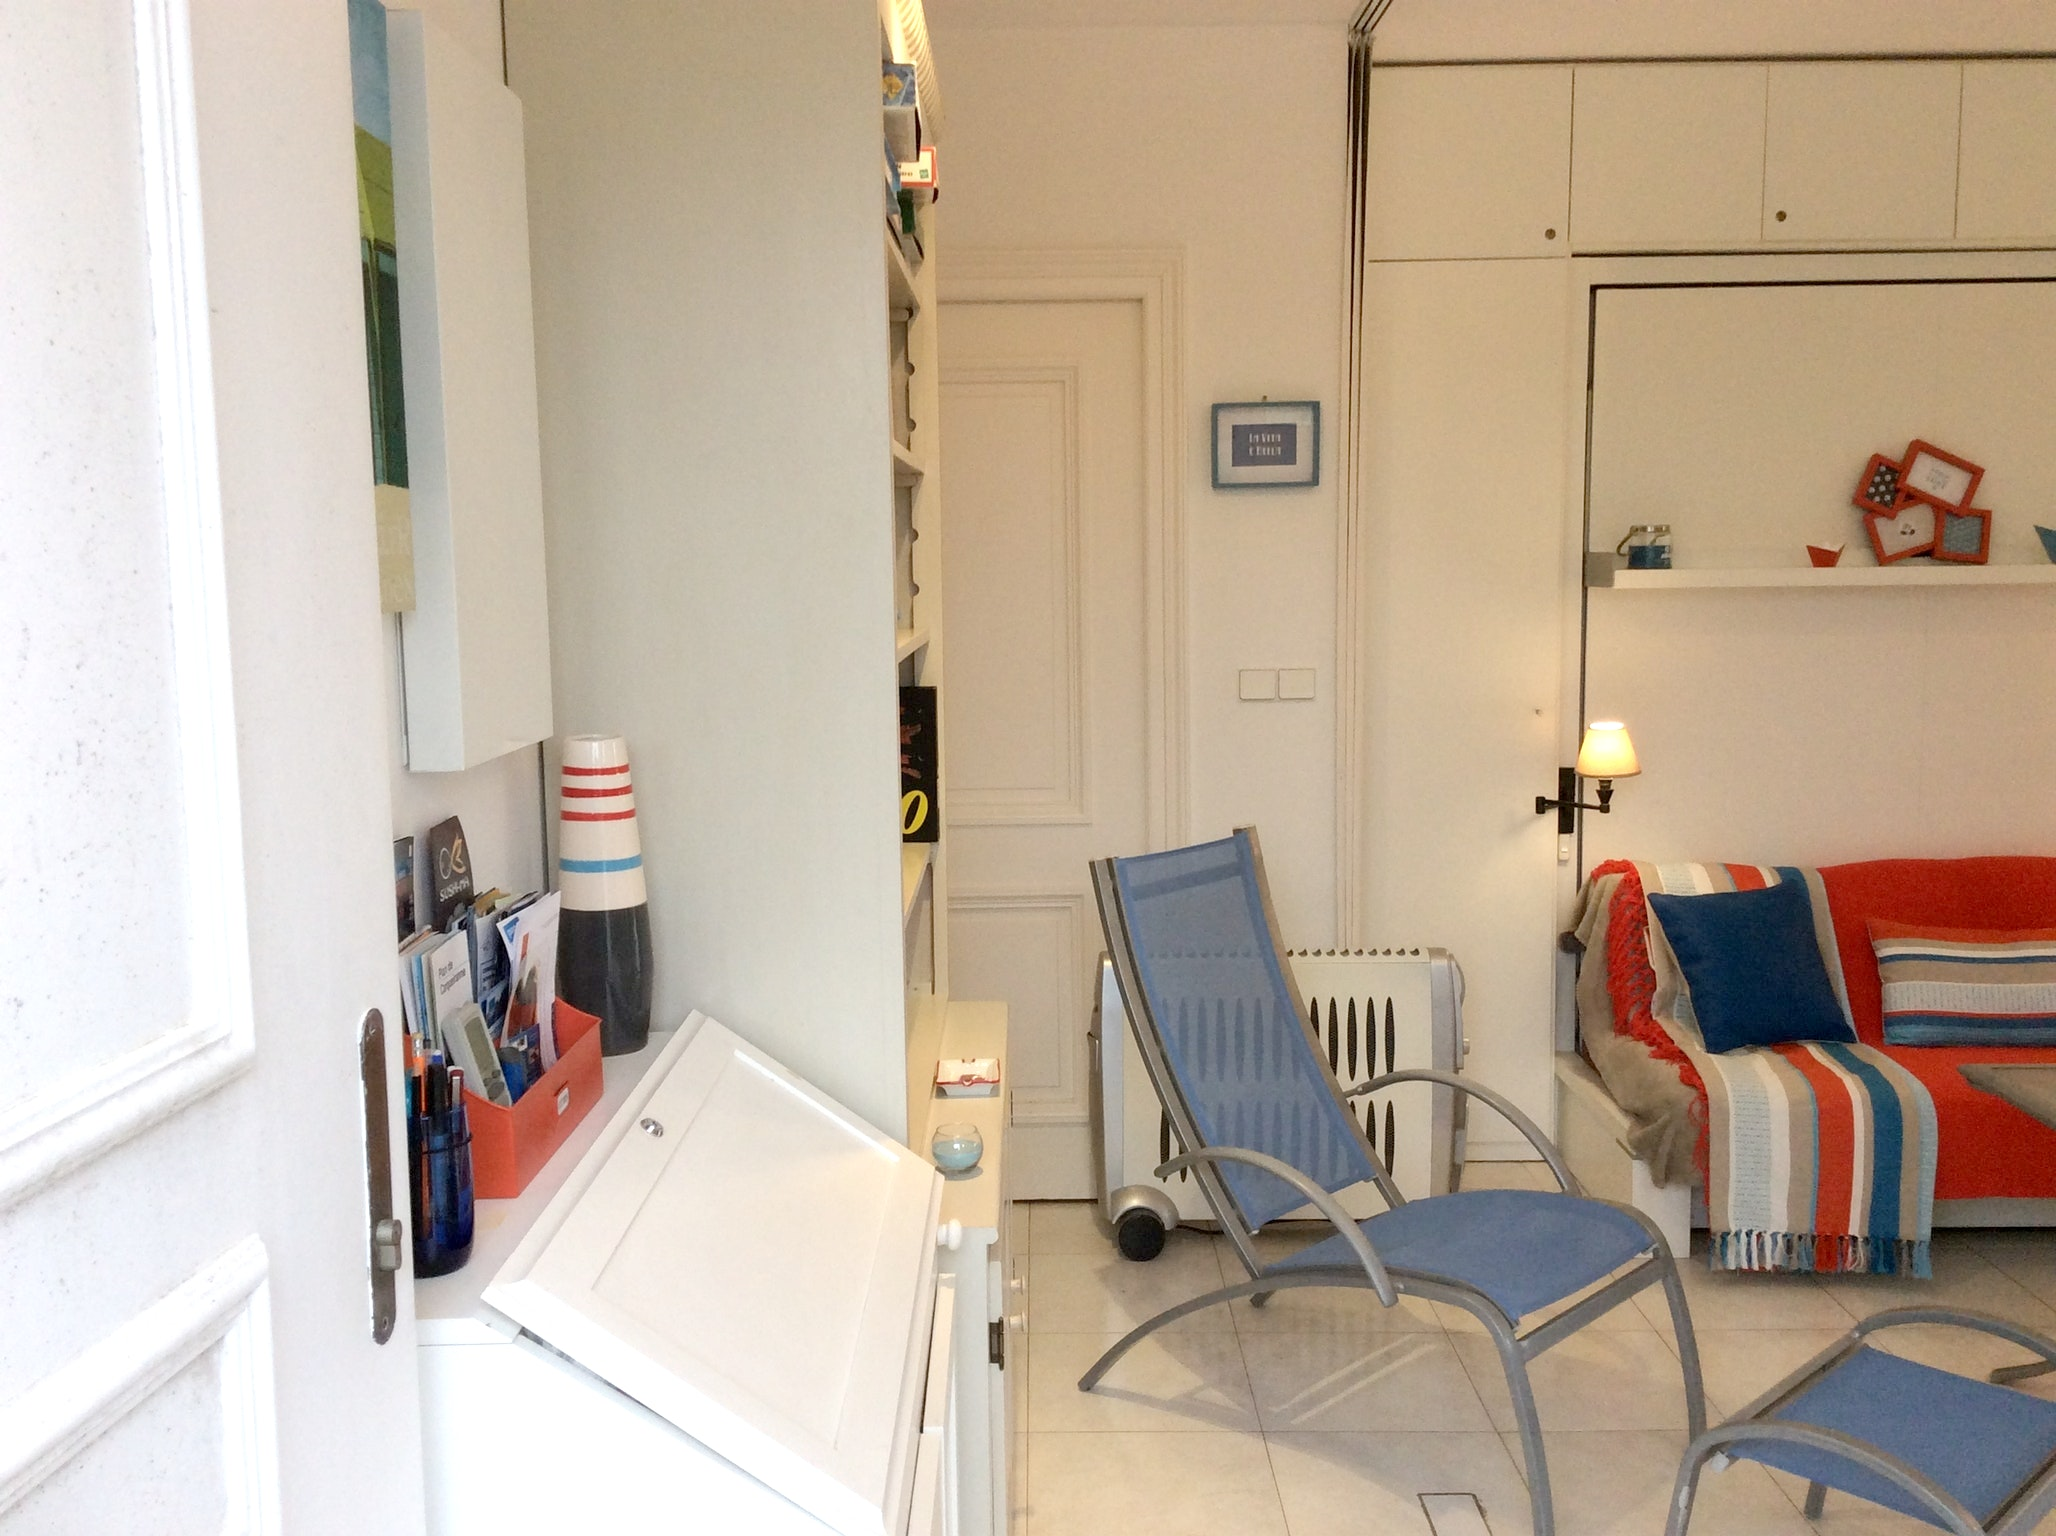 Appartement de vacances Wohnung mit einem Schlafzimmer in Carqueiranne mit Pool, eingezäuntem Garten und W-LAN - 7 (2231381), Carqueiranne, Côte d'Azur, Provence - Alpes - Côte d'Azur, France, image 13